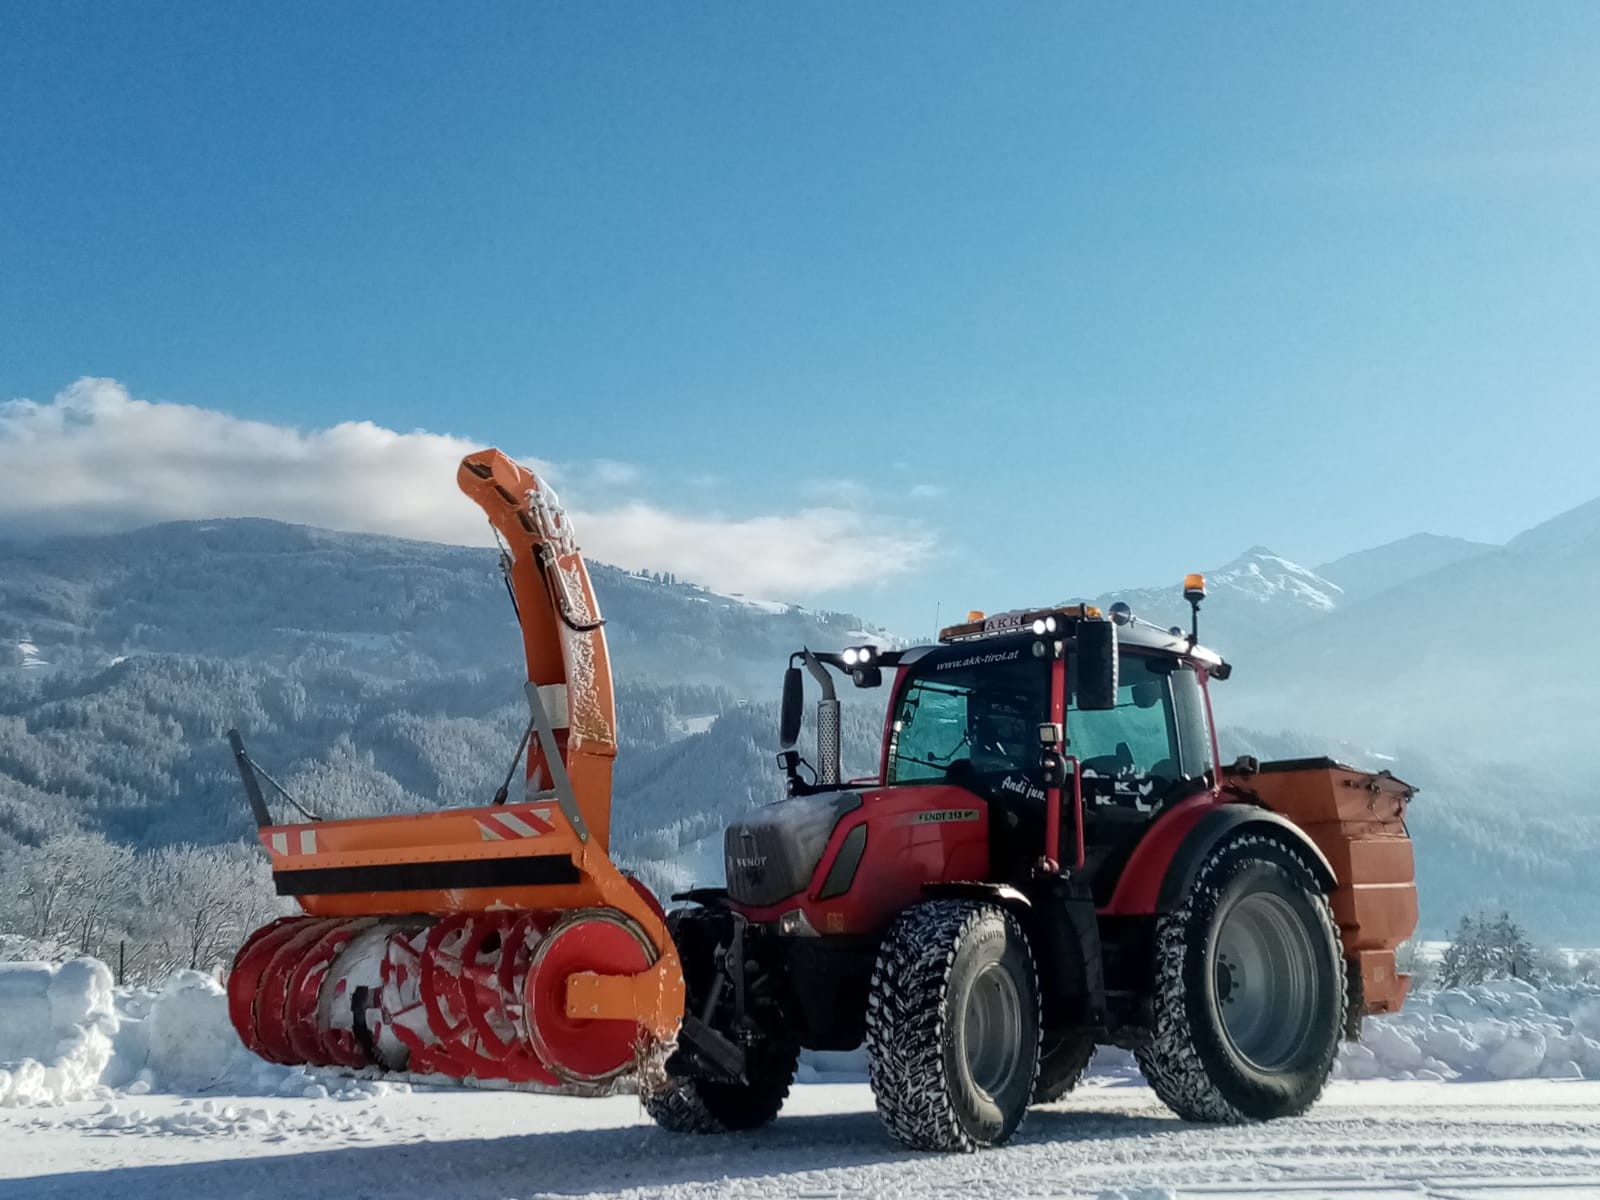 Winterdienst - Schneefräse Arbeiten